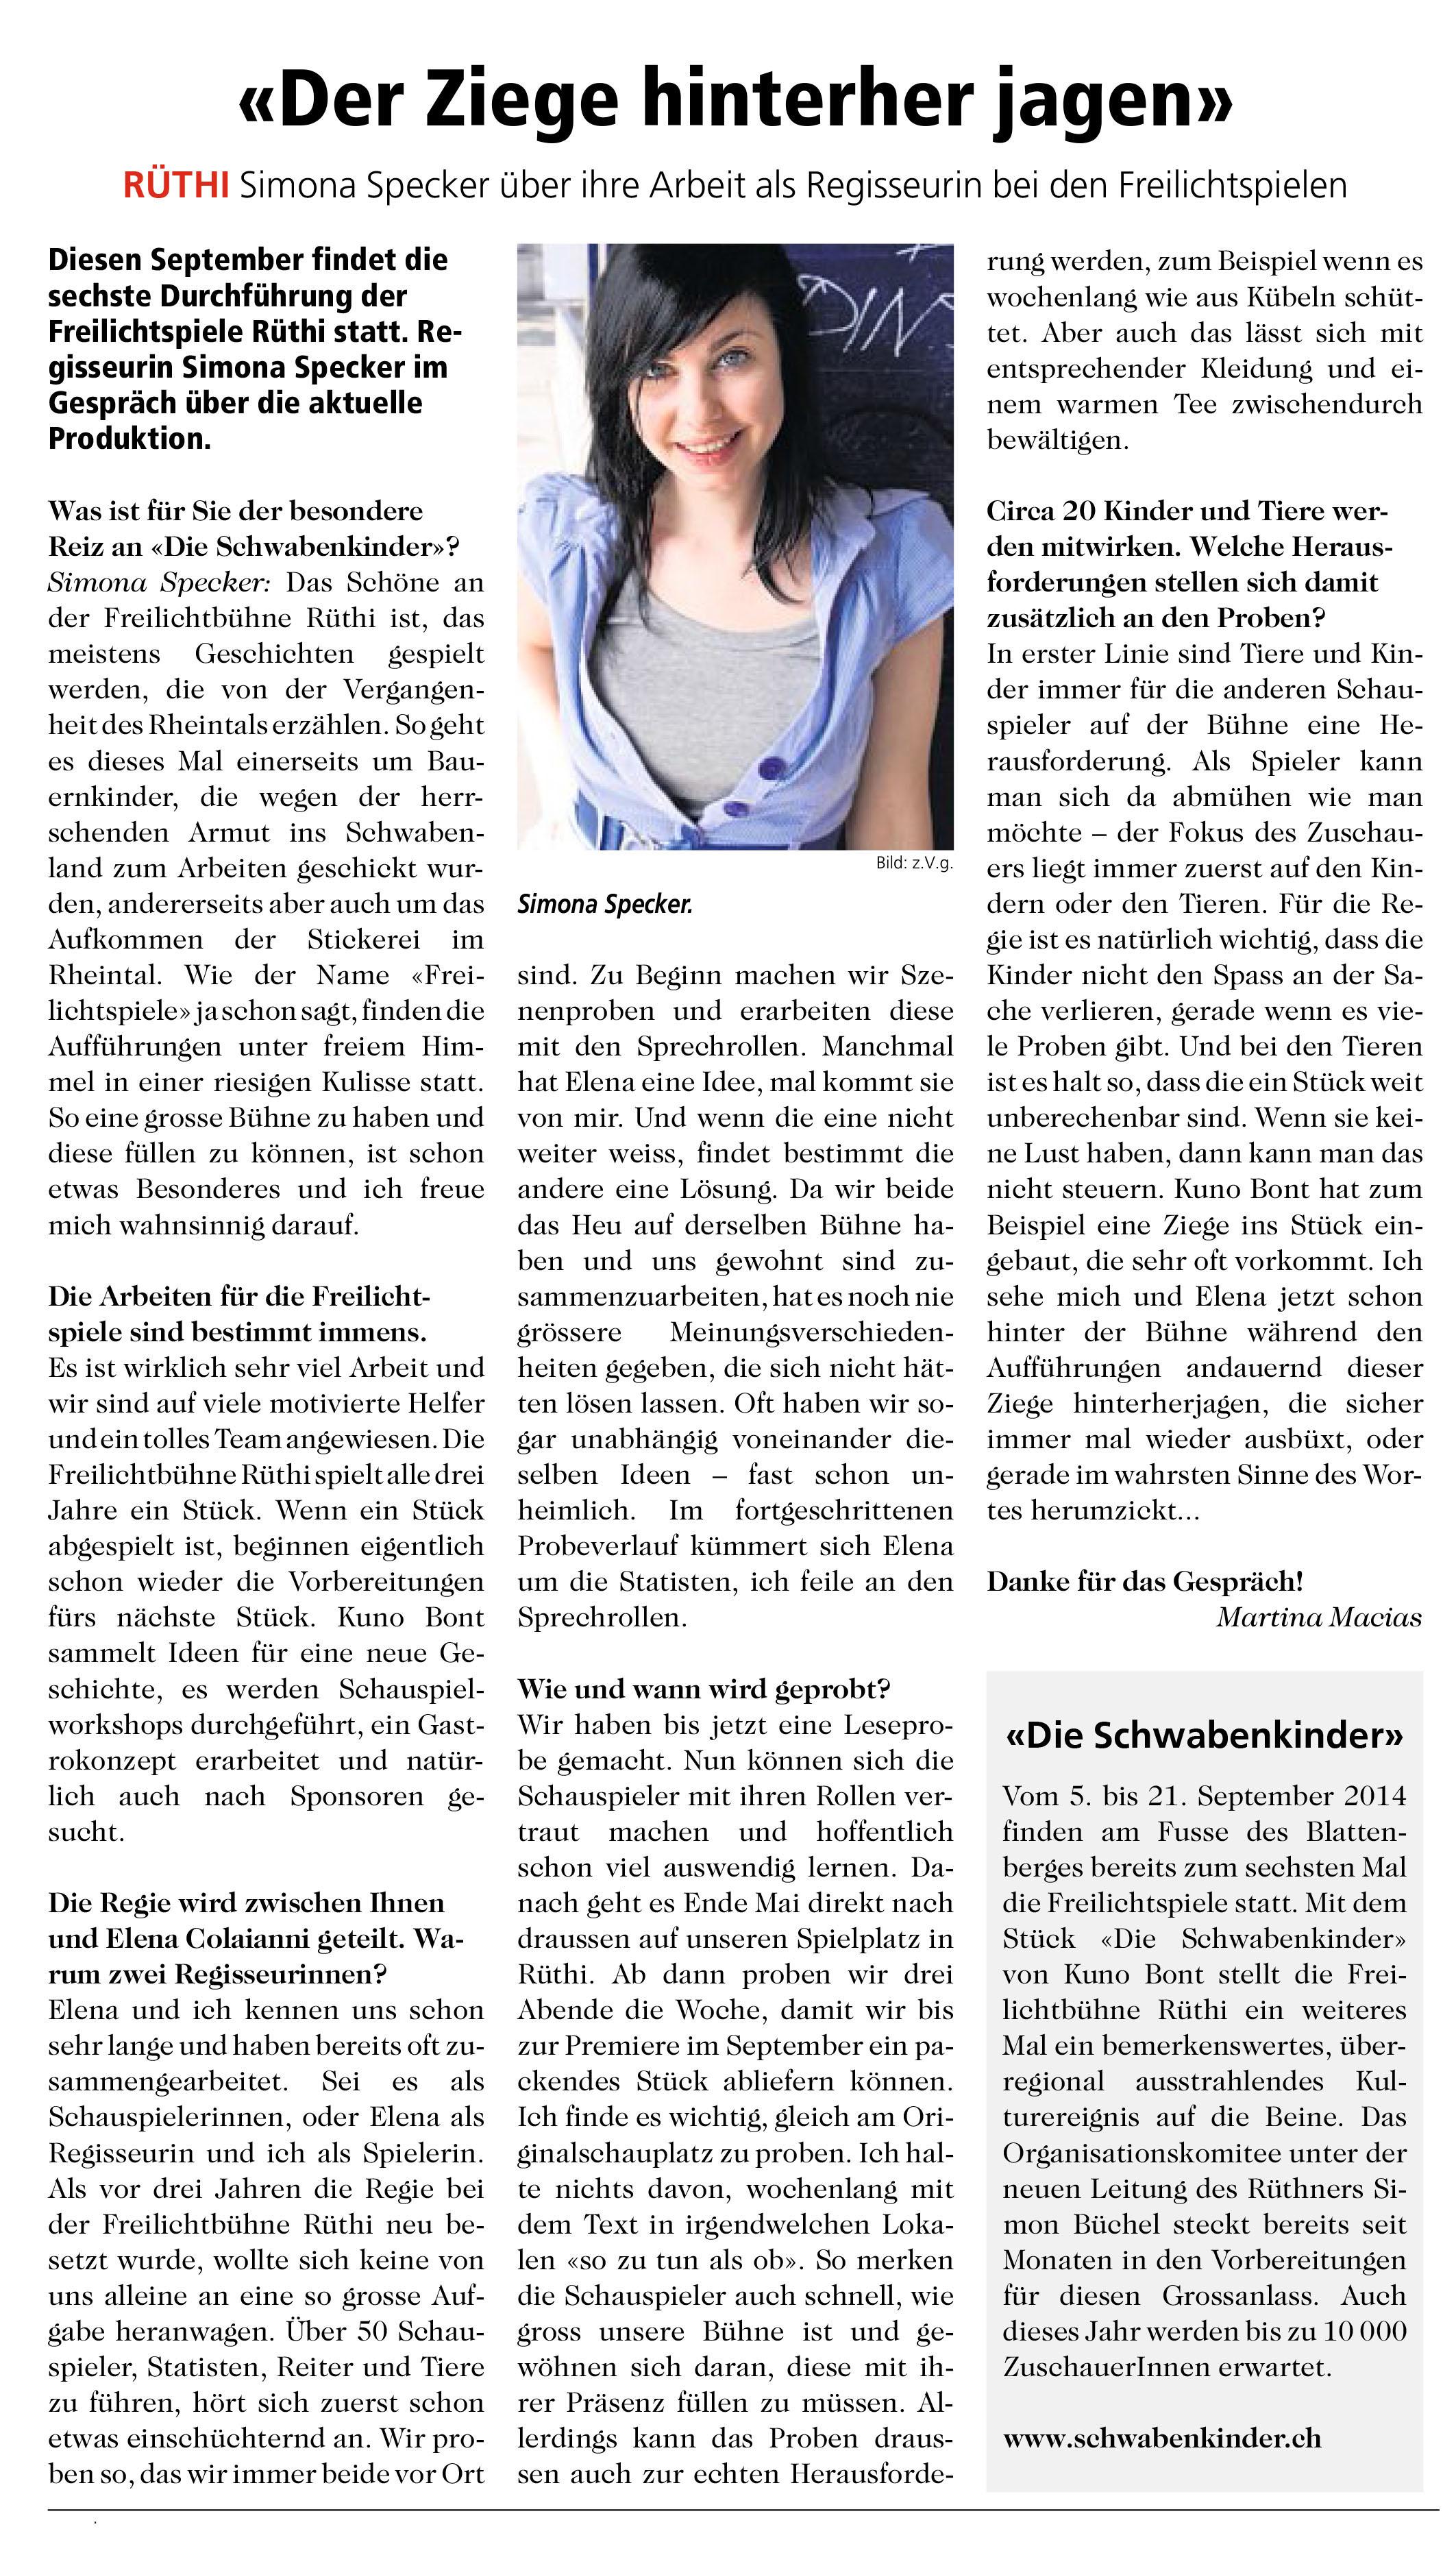 20140507 Rheintaler Bote Schwabenkinder